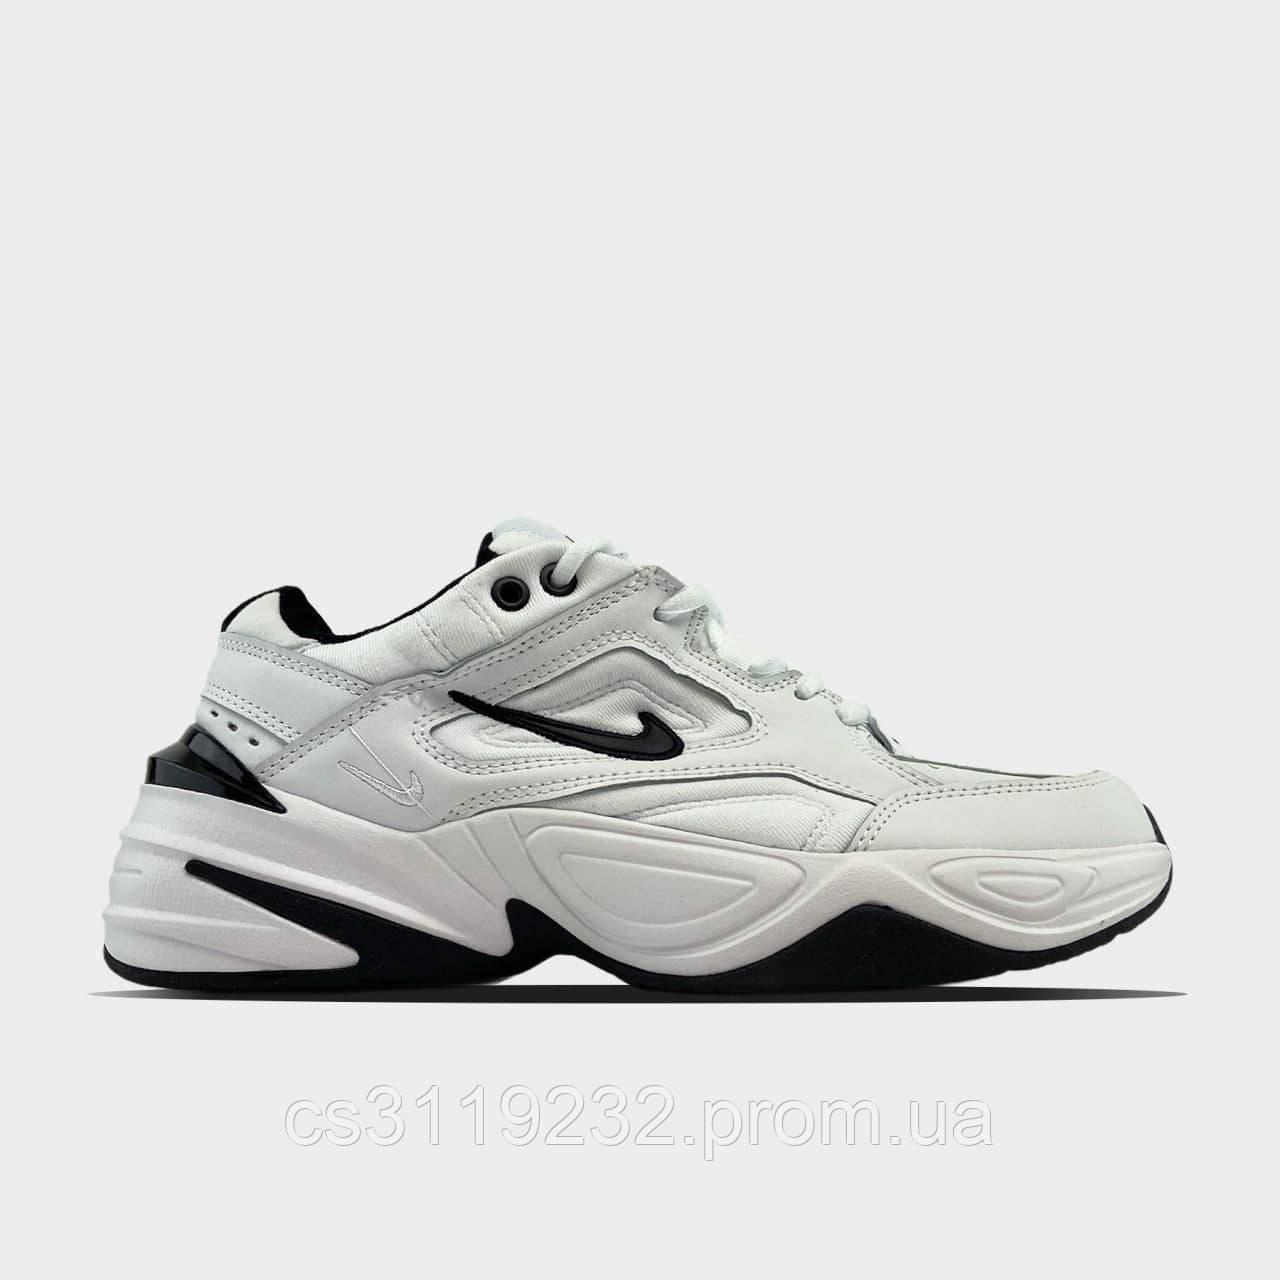 Жіночі кросівки Nike M2K Tekno White Black (білі)